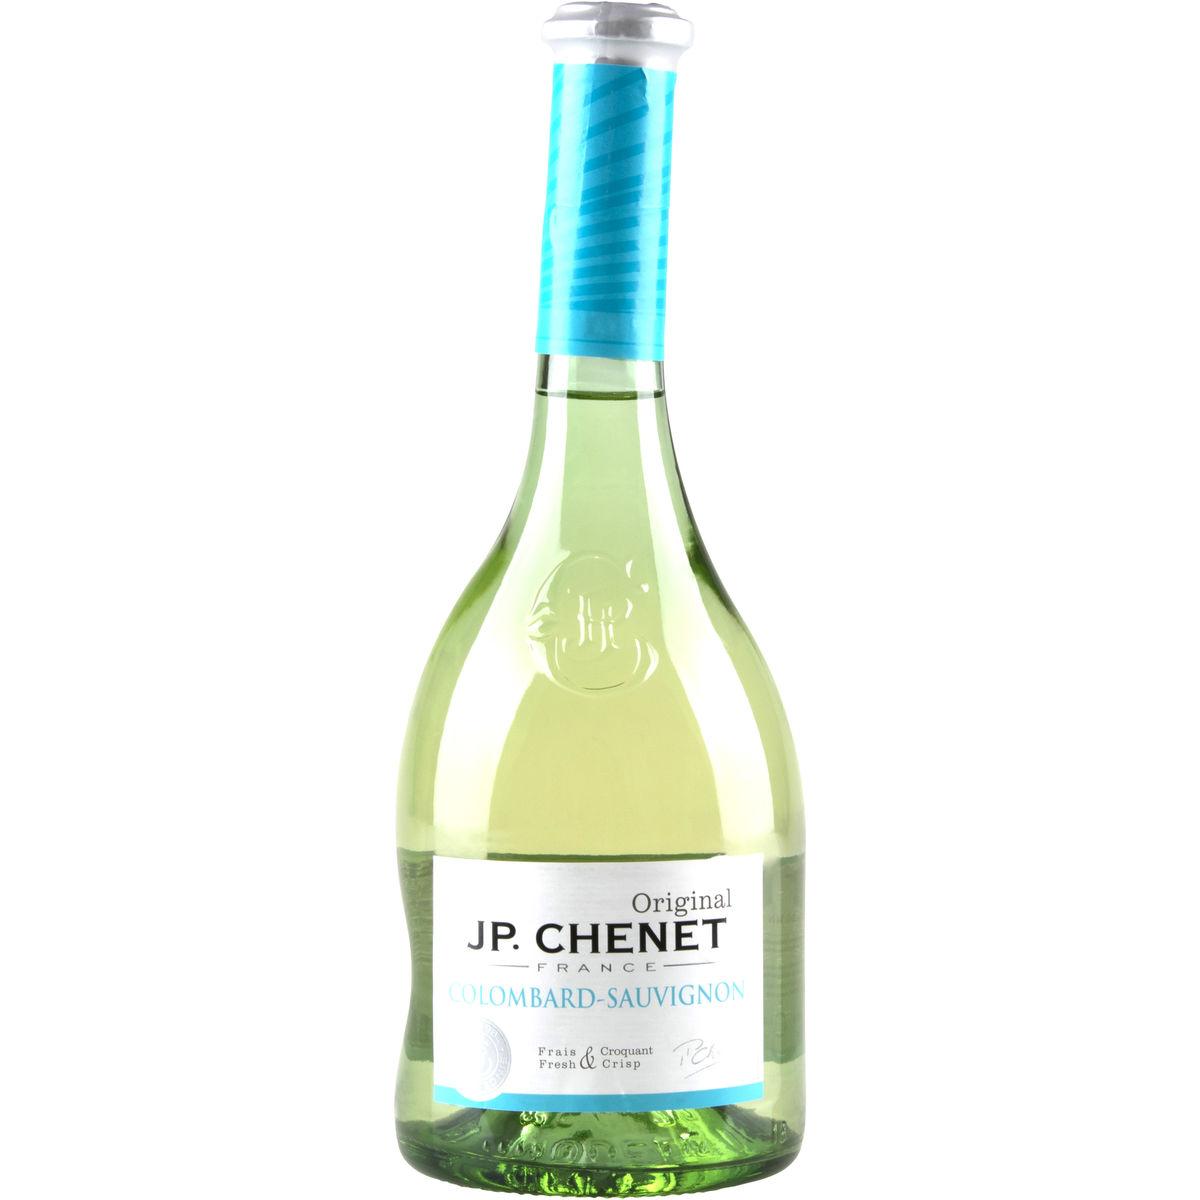 J.P. Chenet Colombard-Sauvignon 750 ml